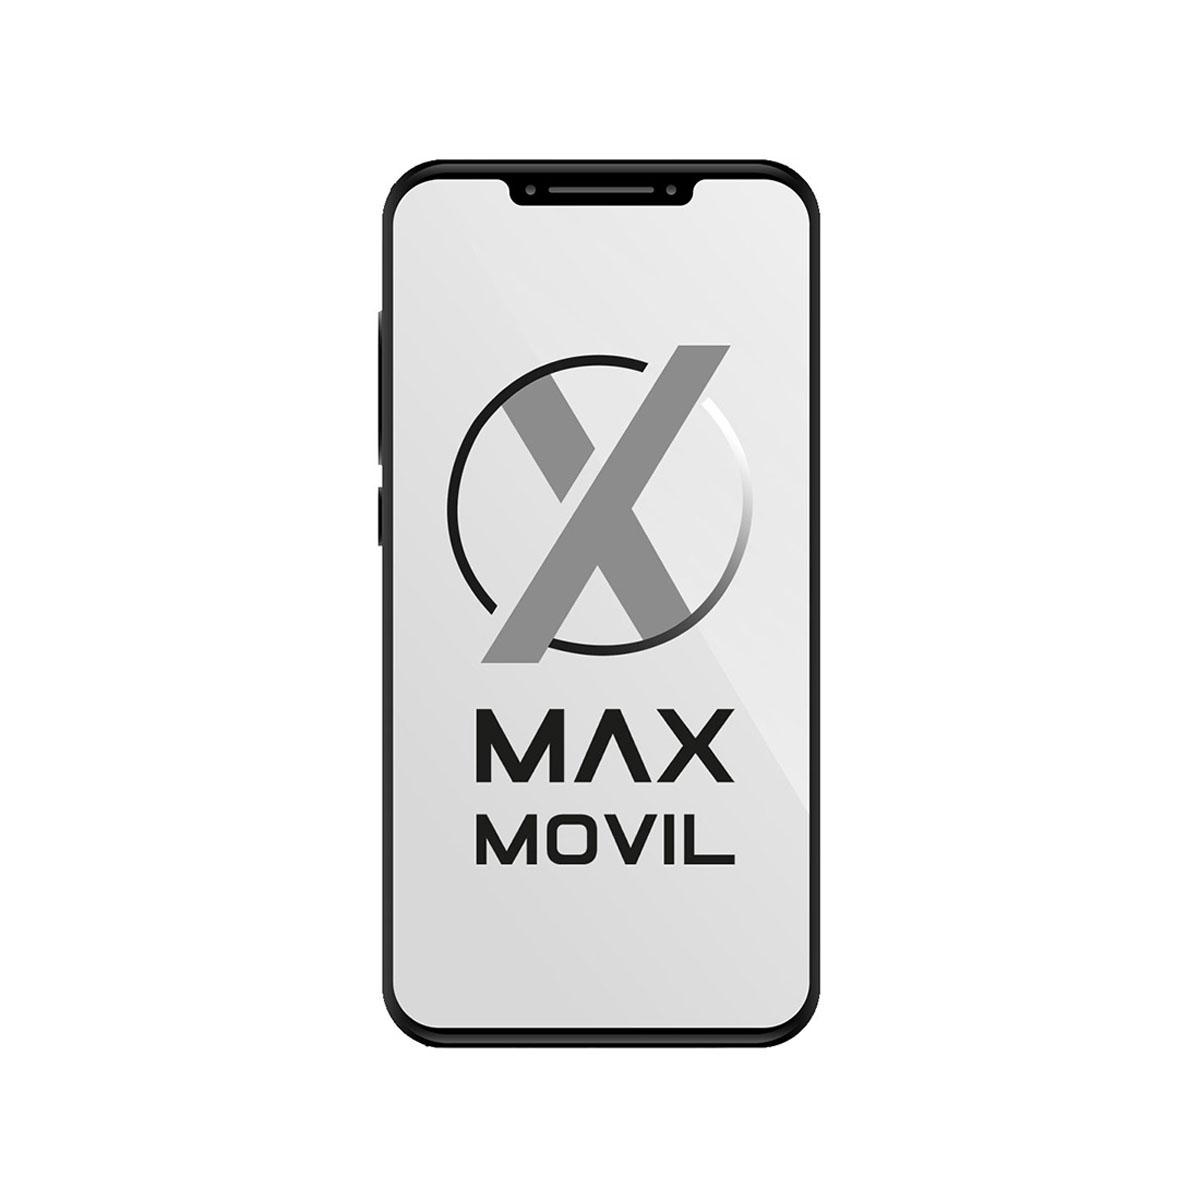 Placa ciega doble Keynet 45x45mm para cajas FME, blanco.